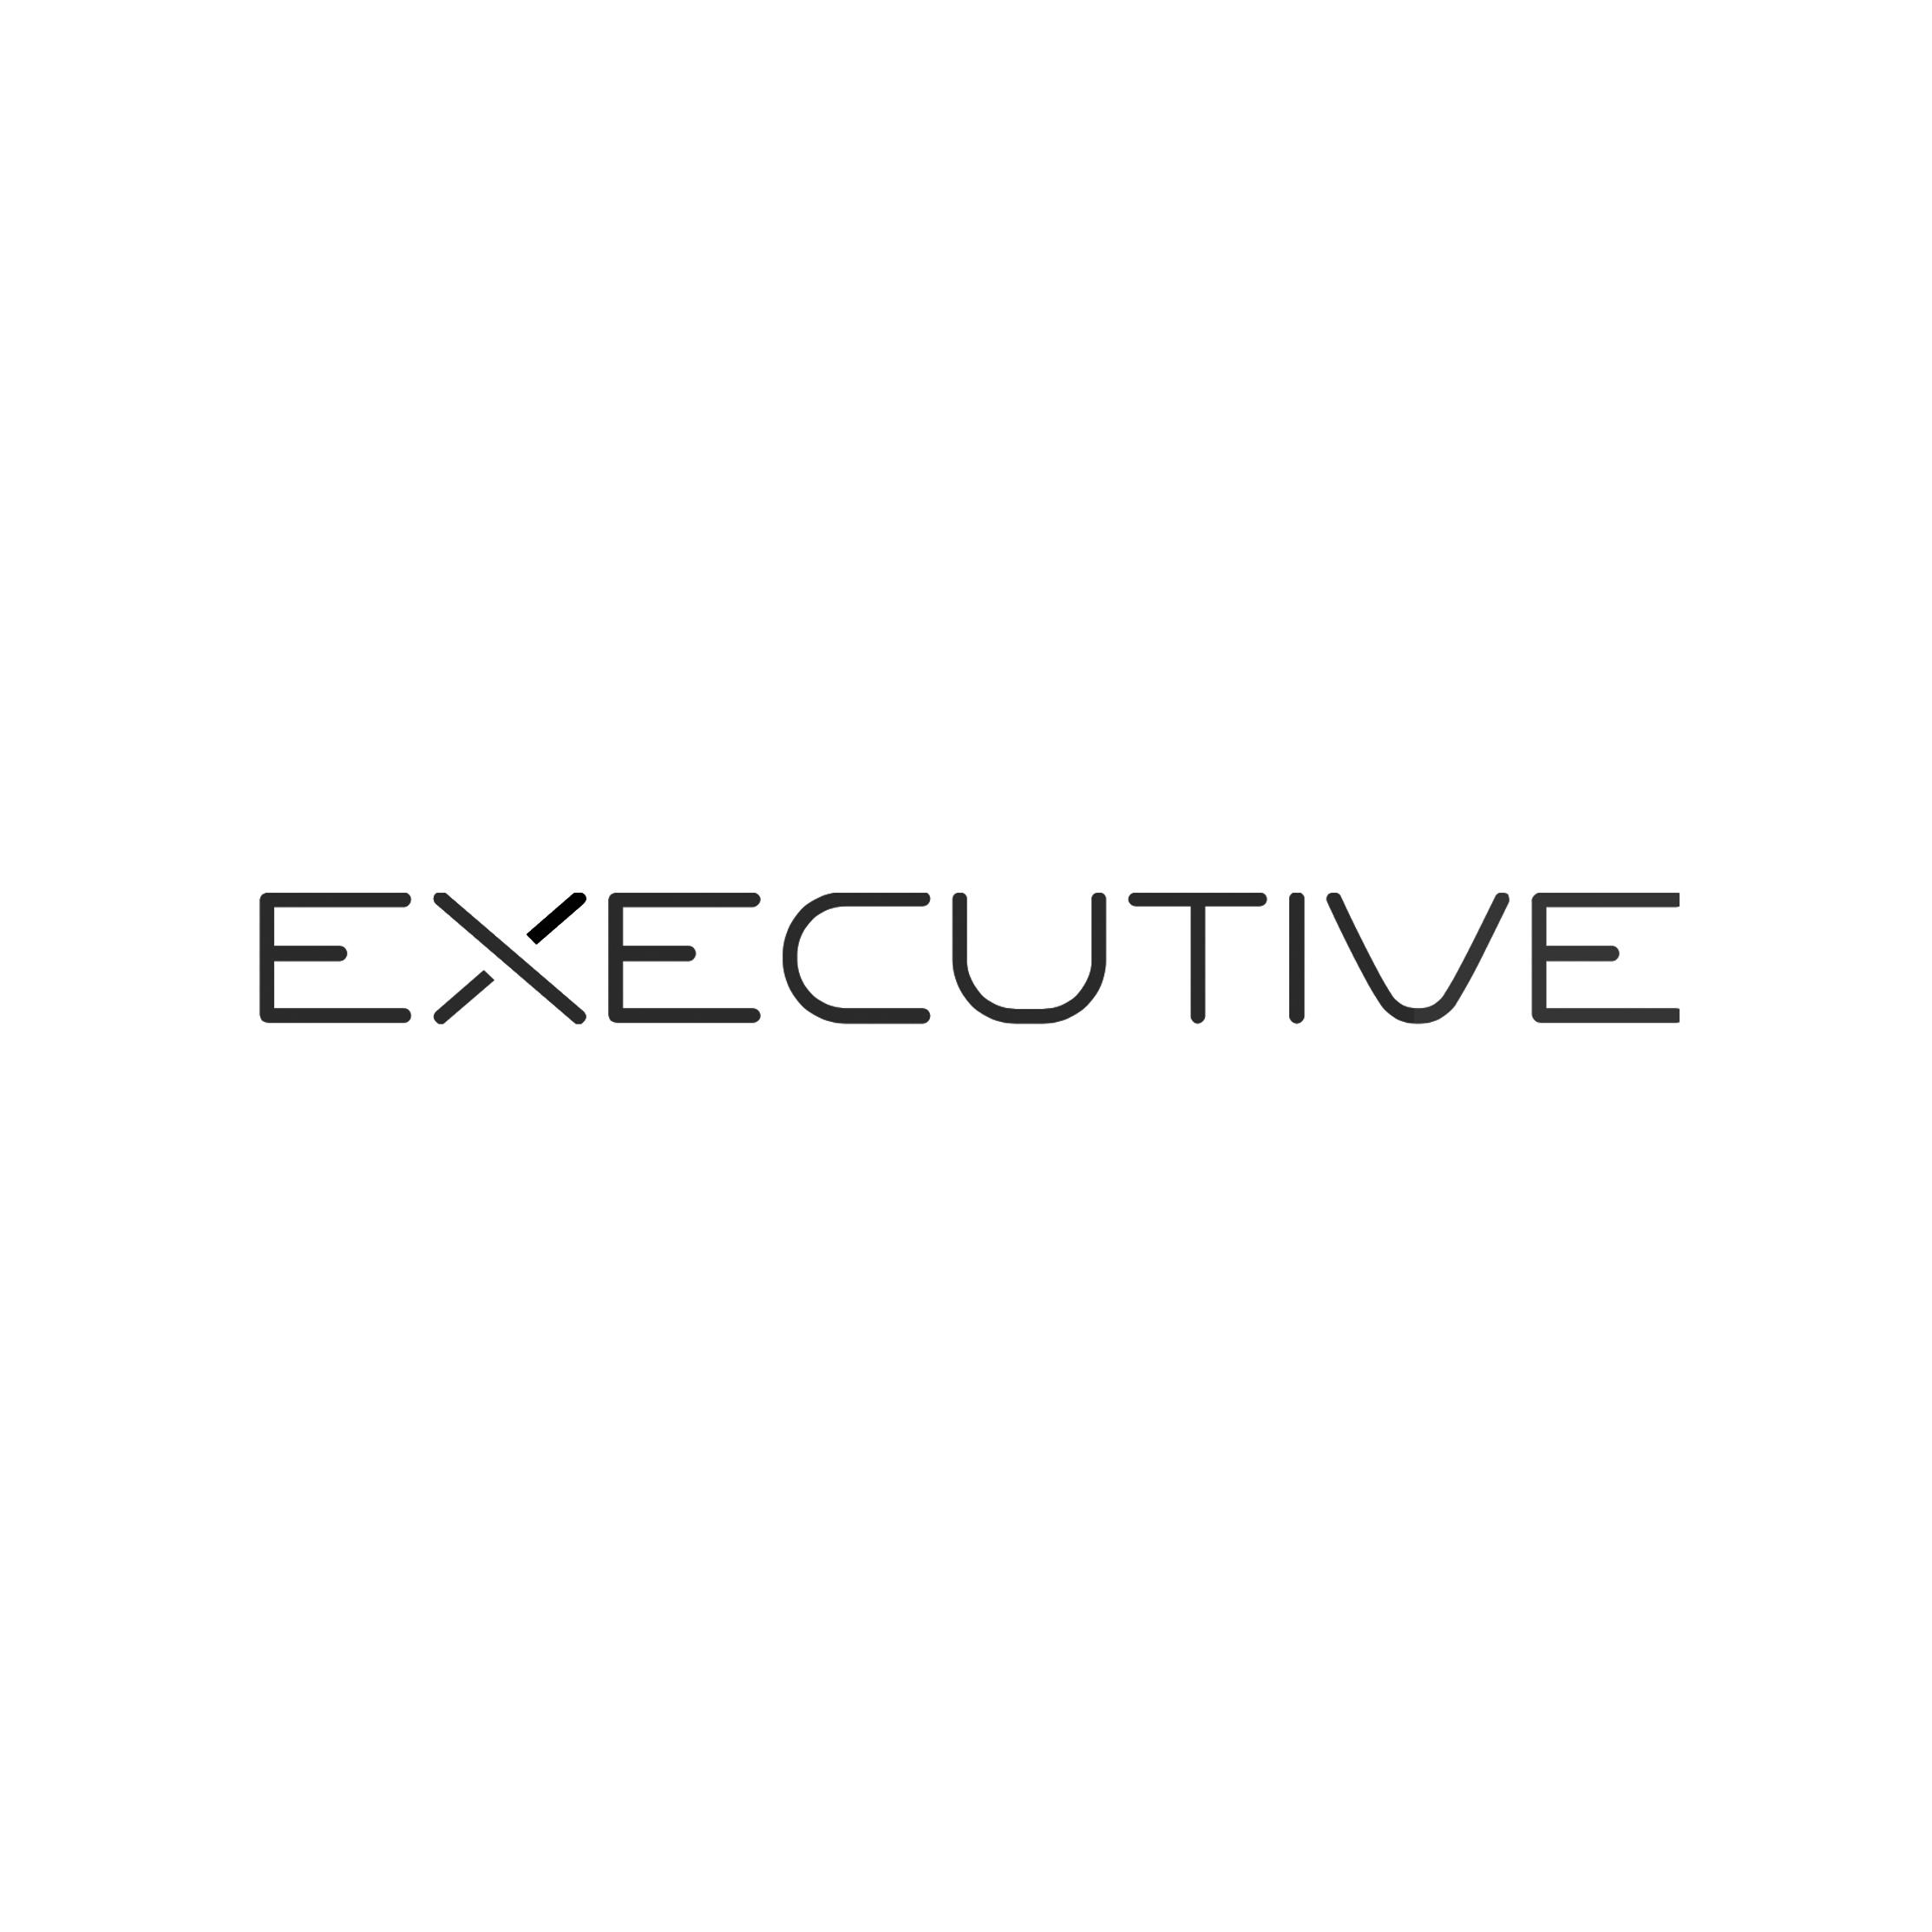 executive_agencia.jpg